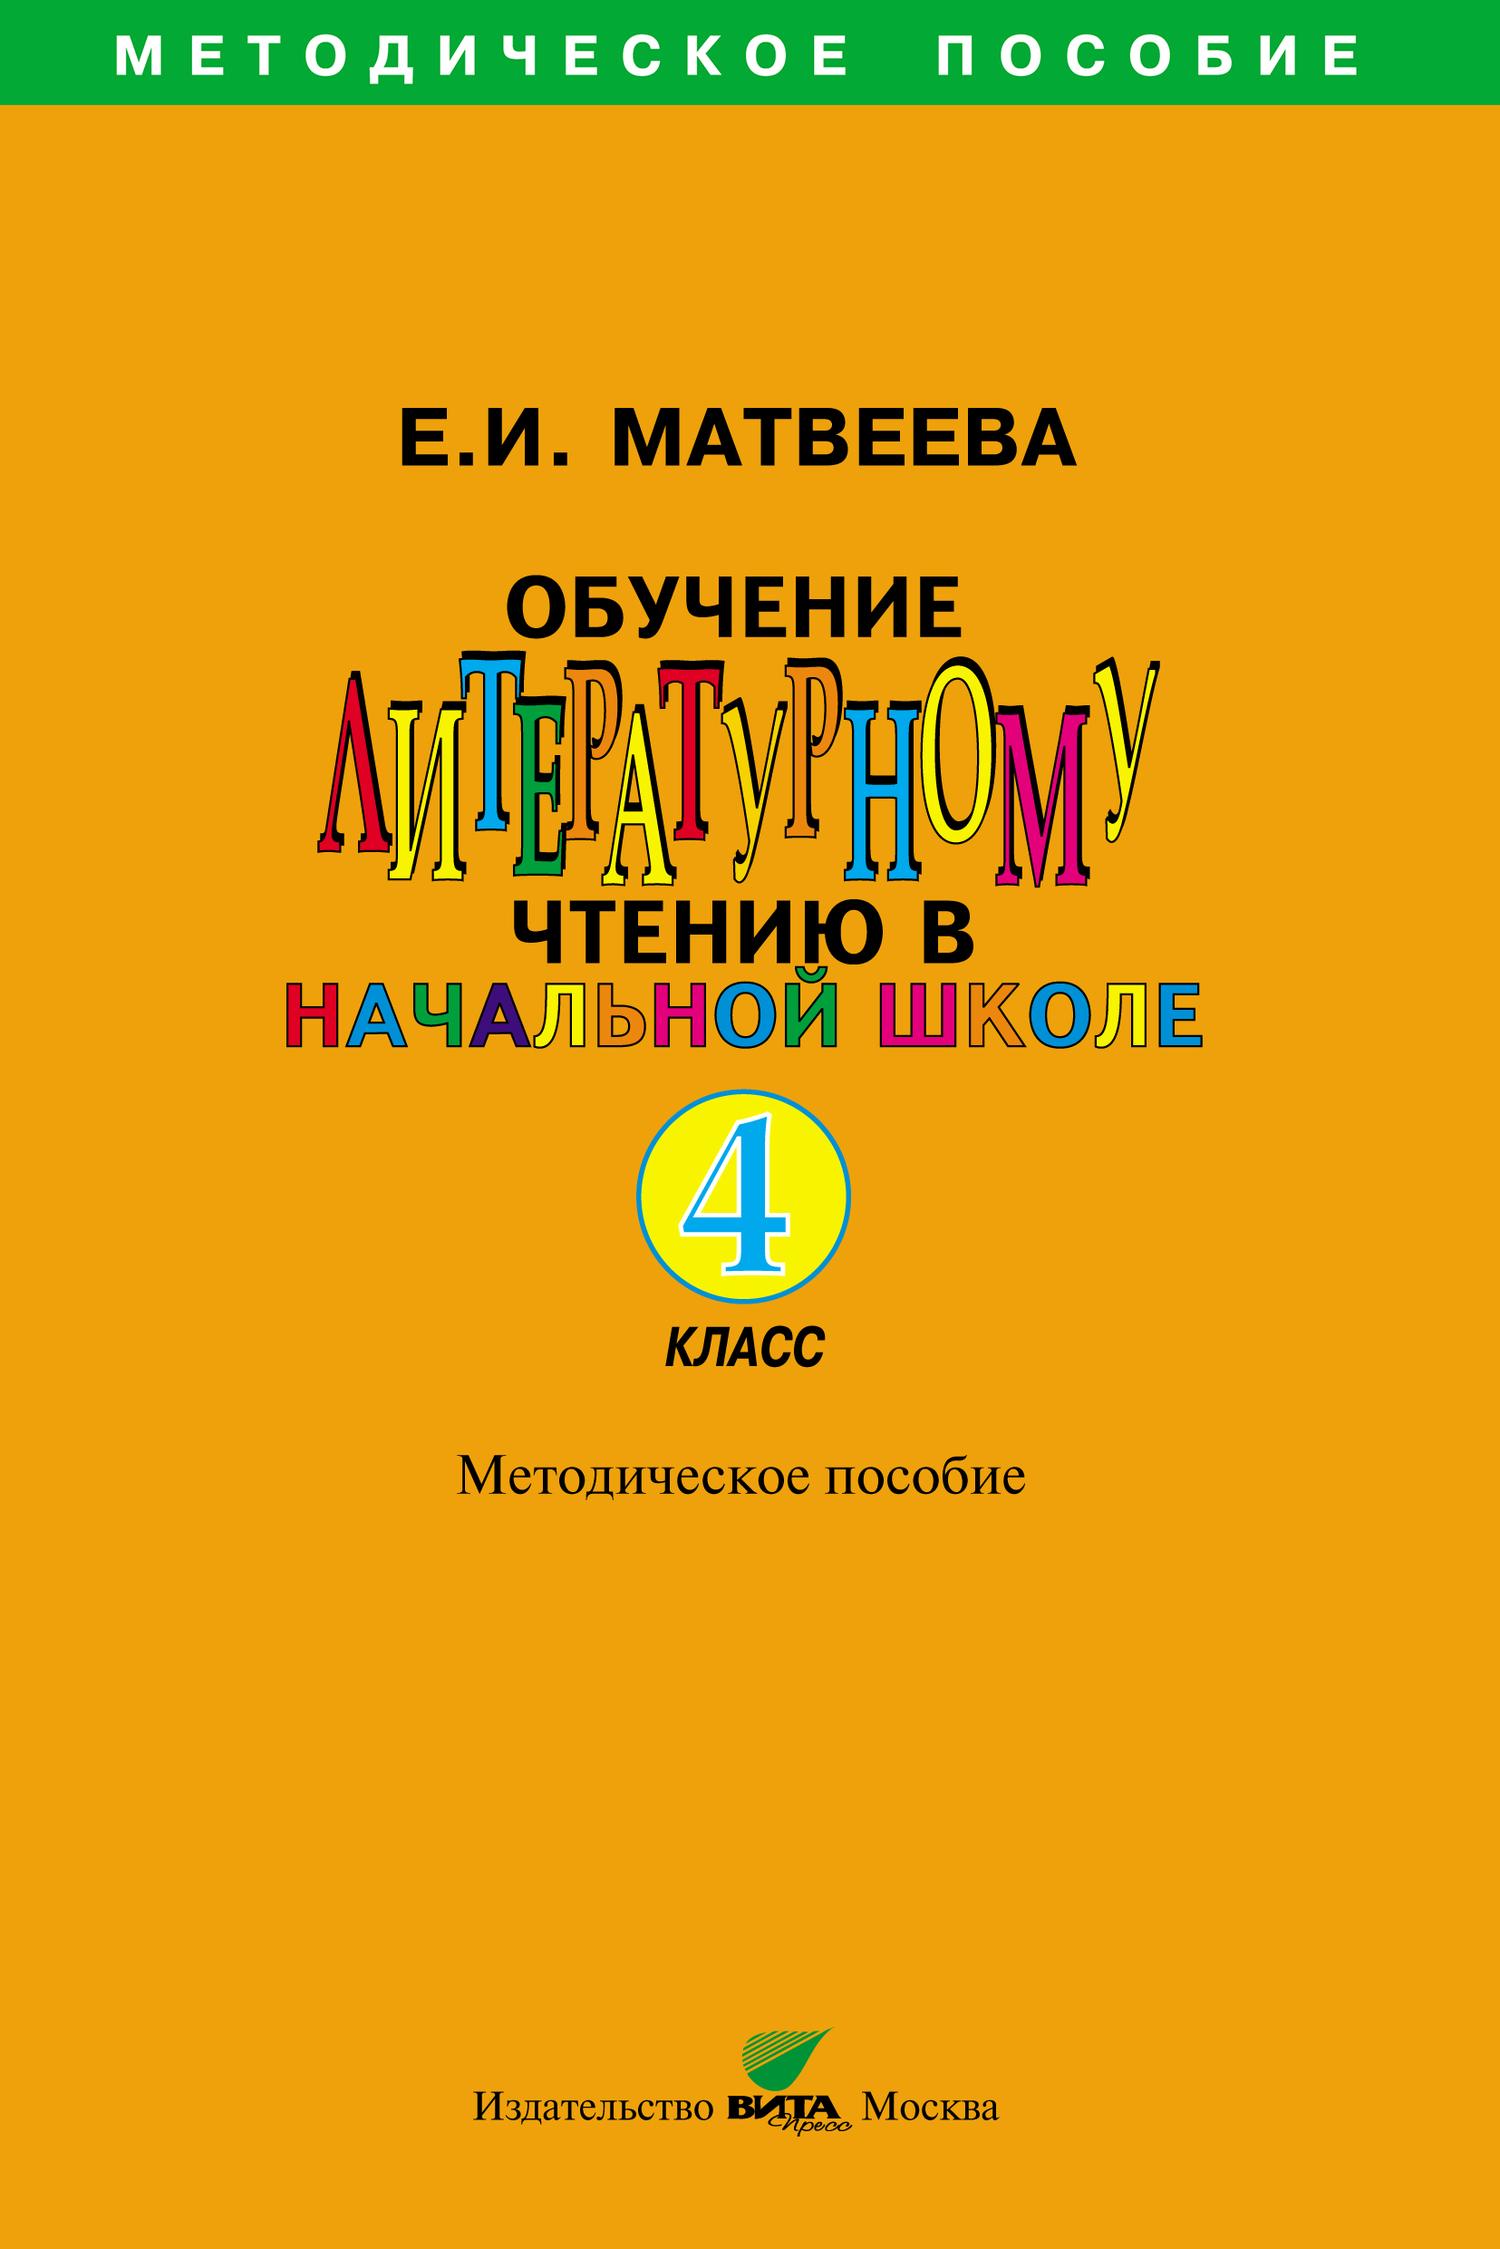 Е. И. Матвеева. Обучение литературному чтению в начальной школе. Методическое пособие. 4 класс